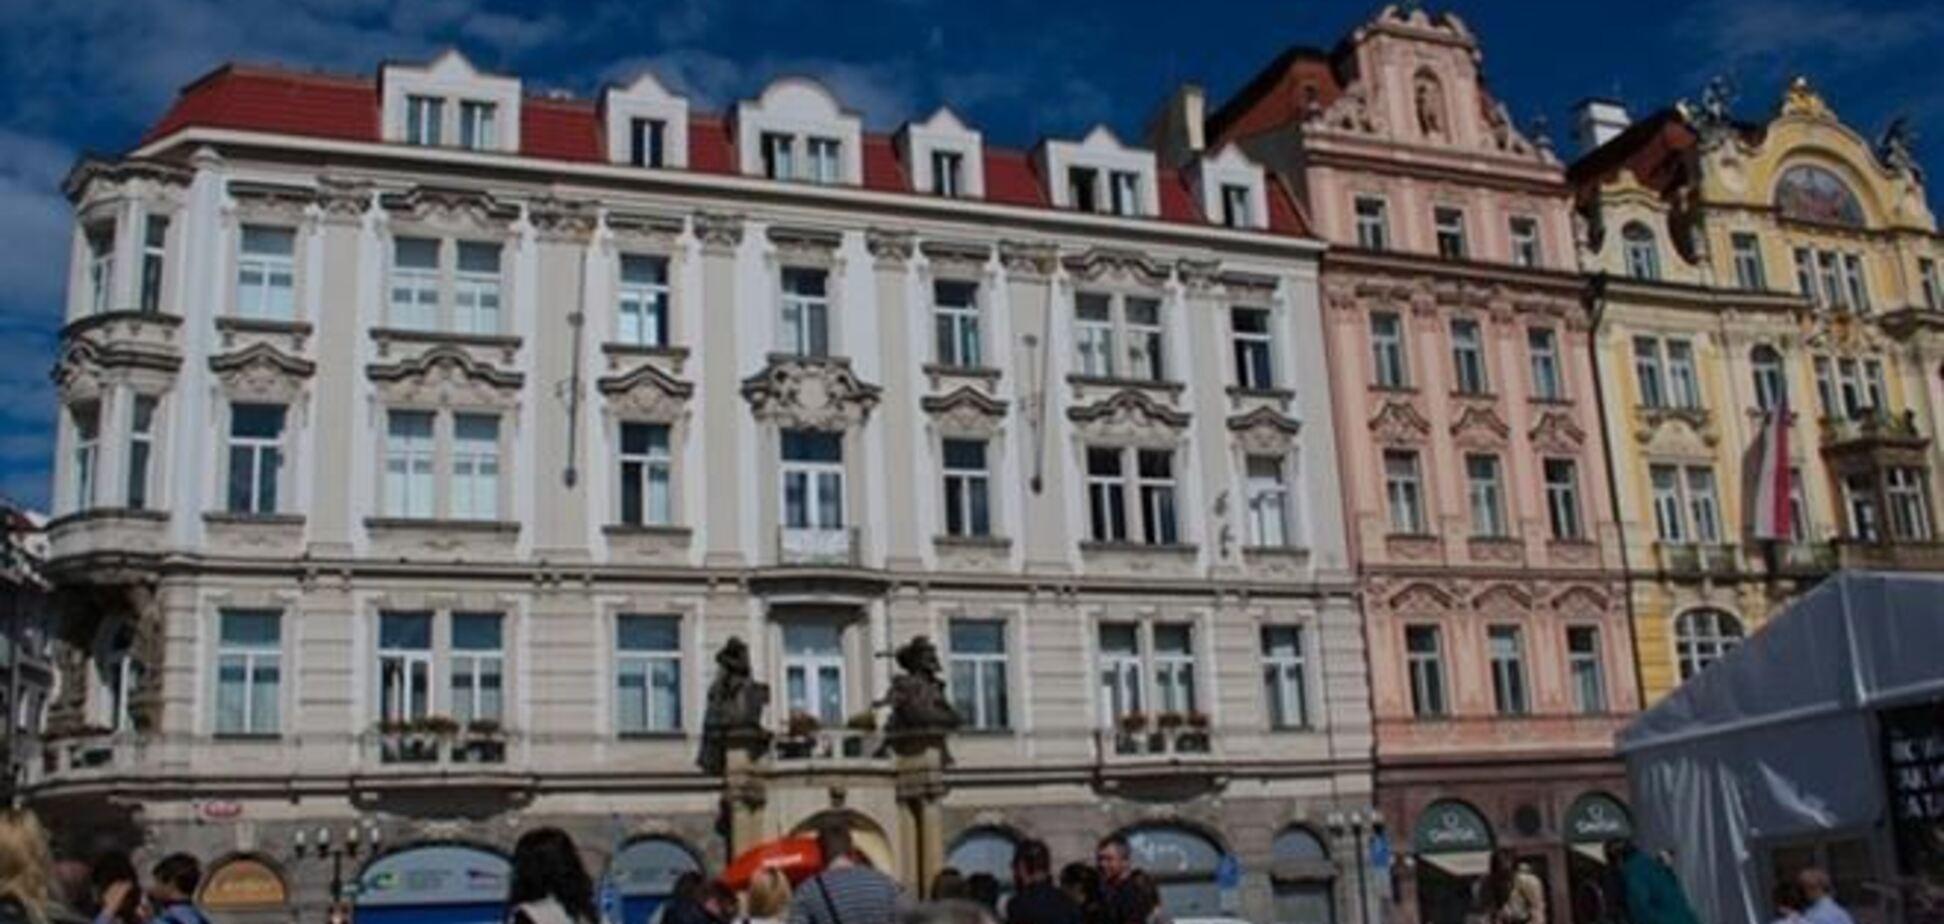 Иностранцы испытывают повышенный интерес к недвижимости Чехии